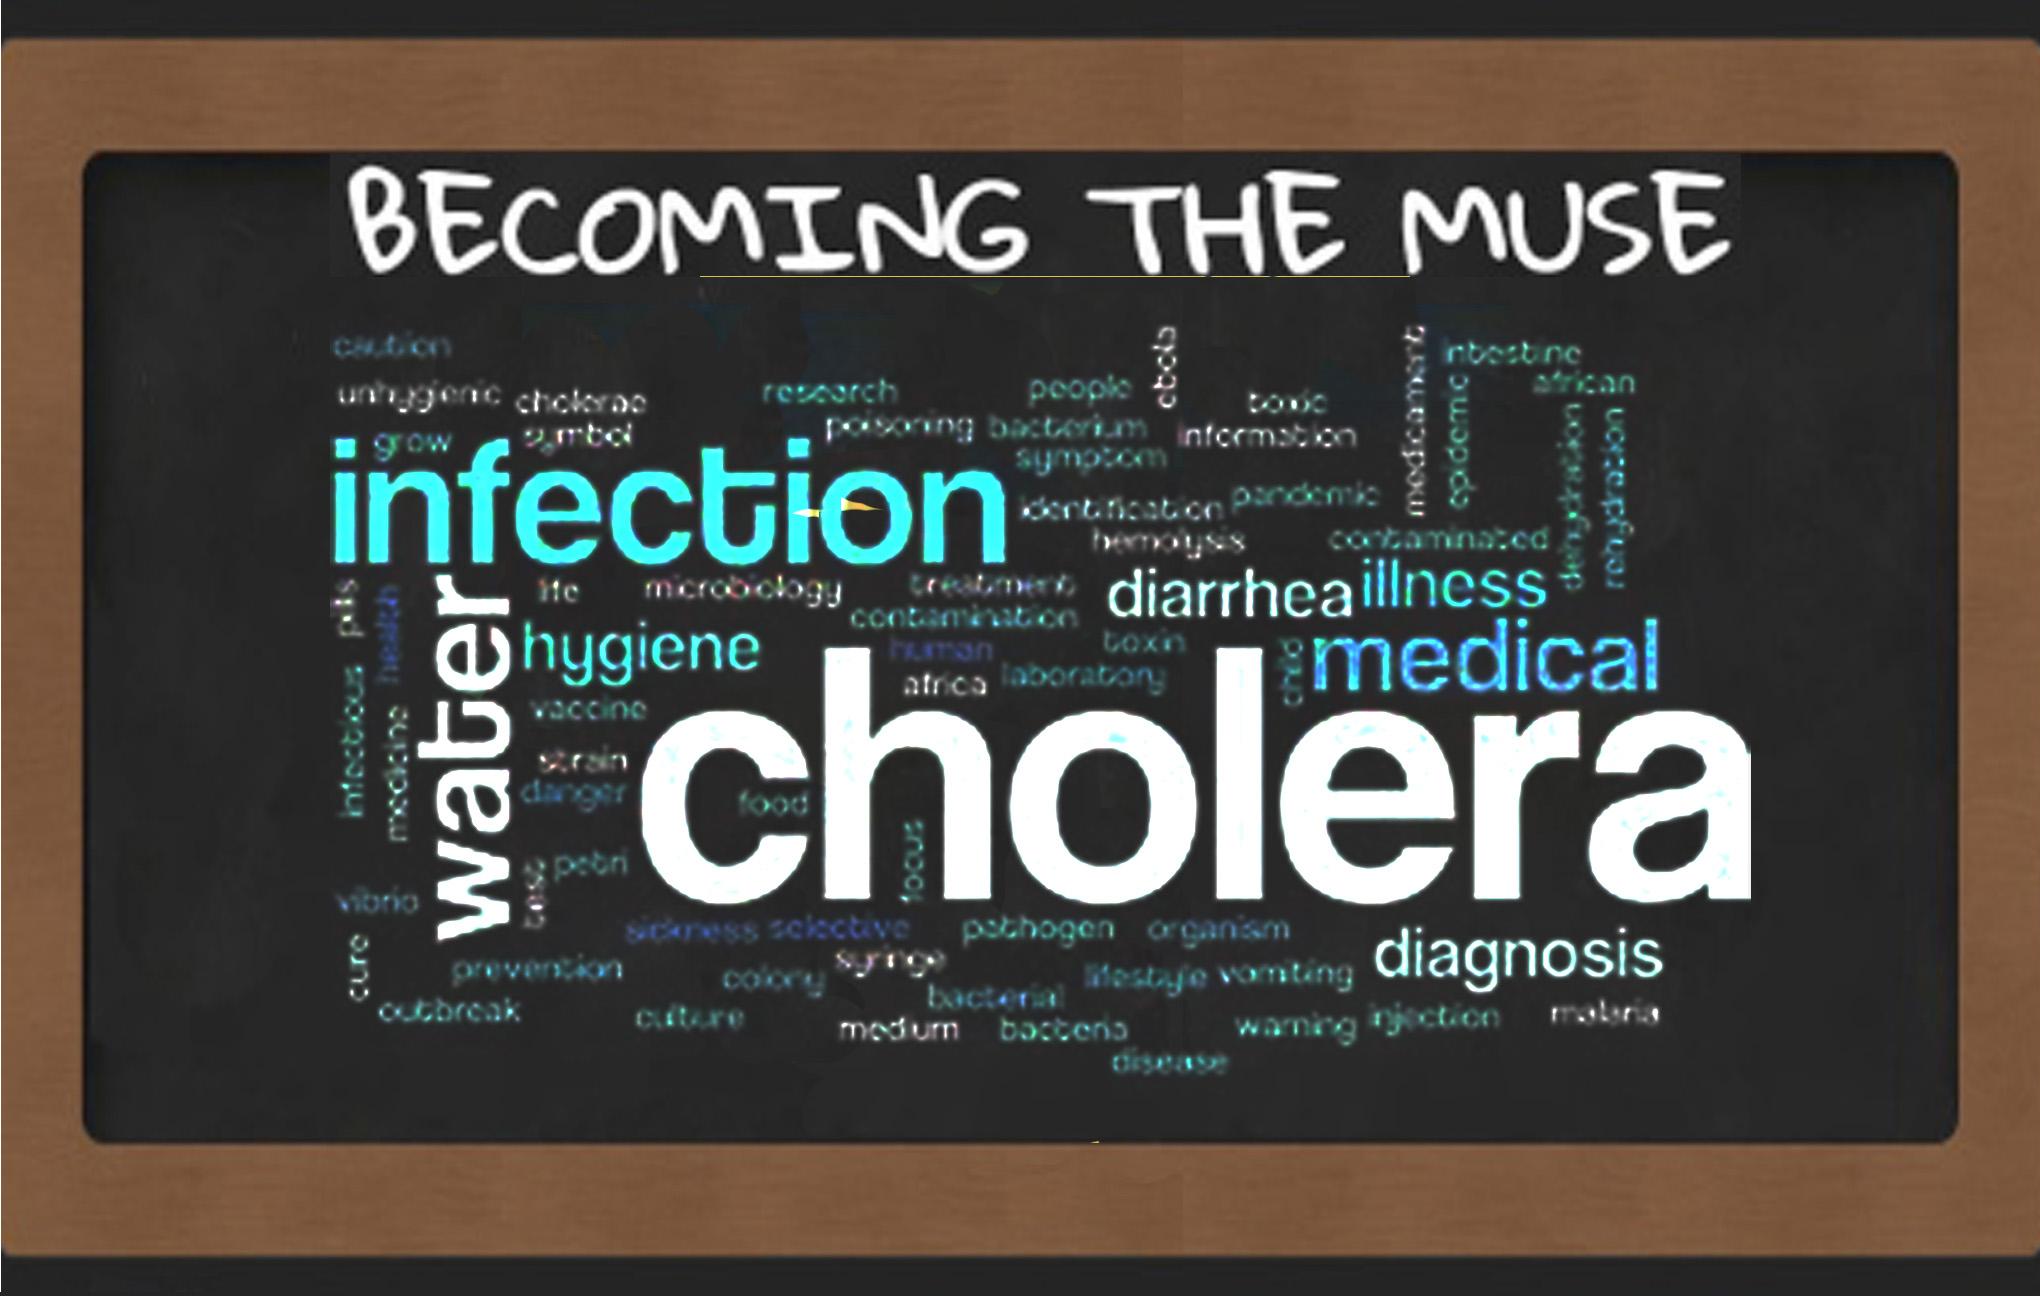 zim cholera outbreak